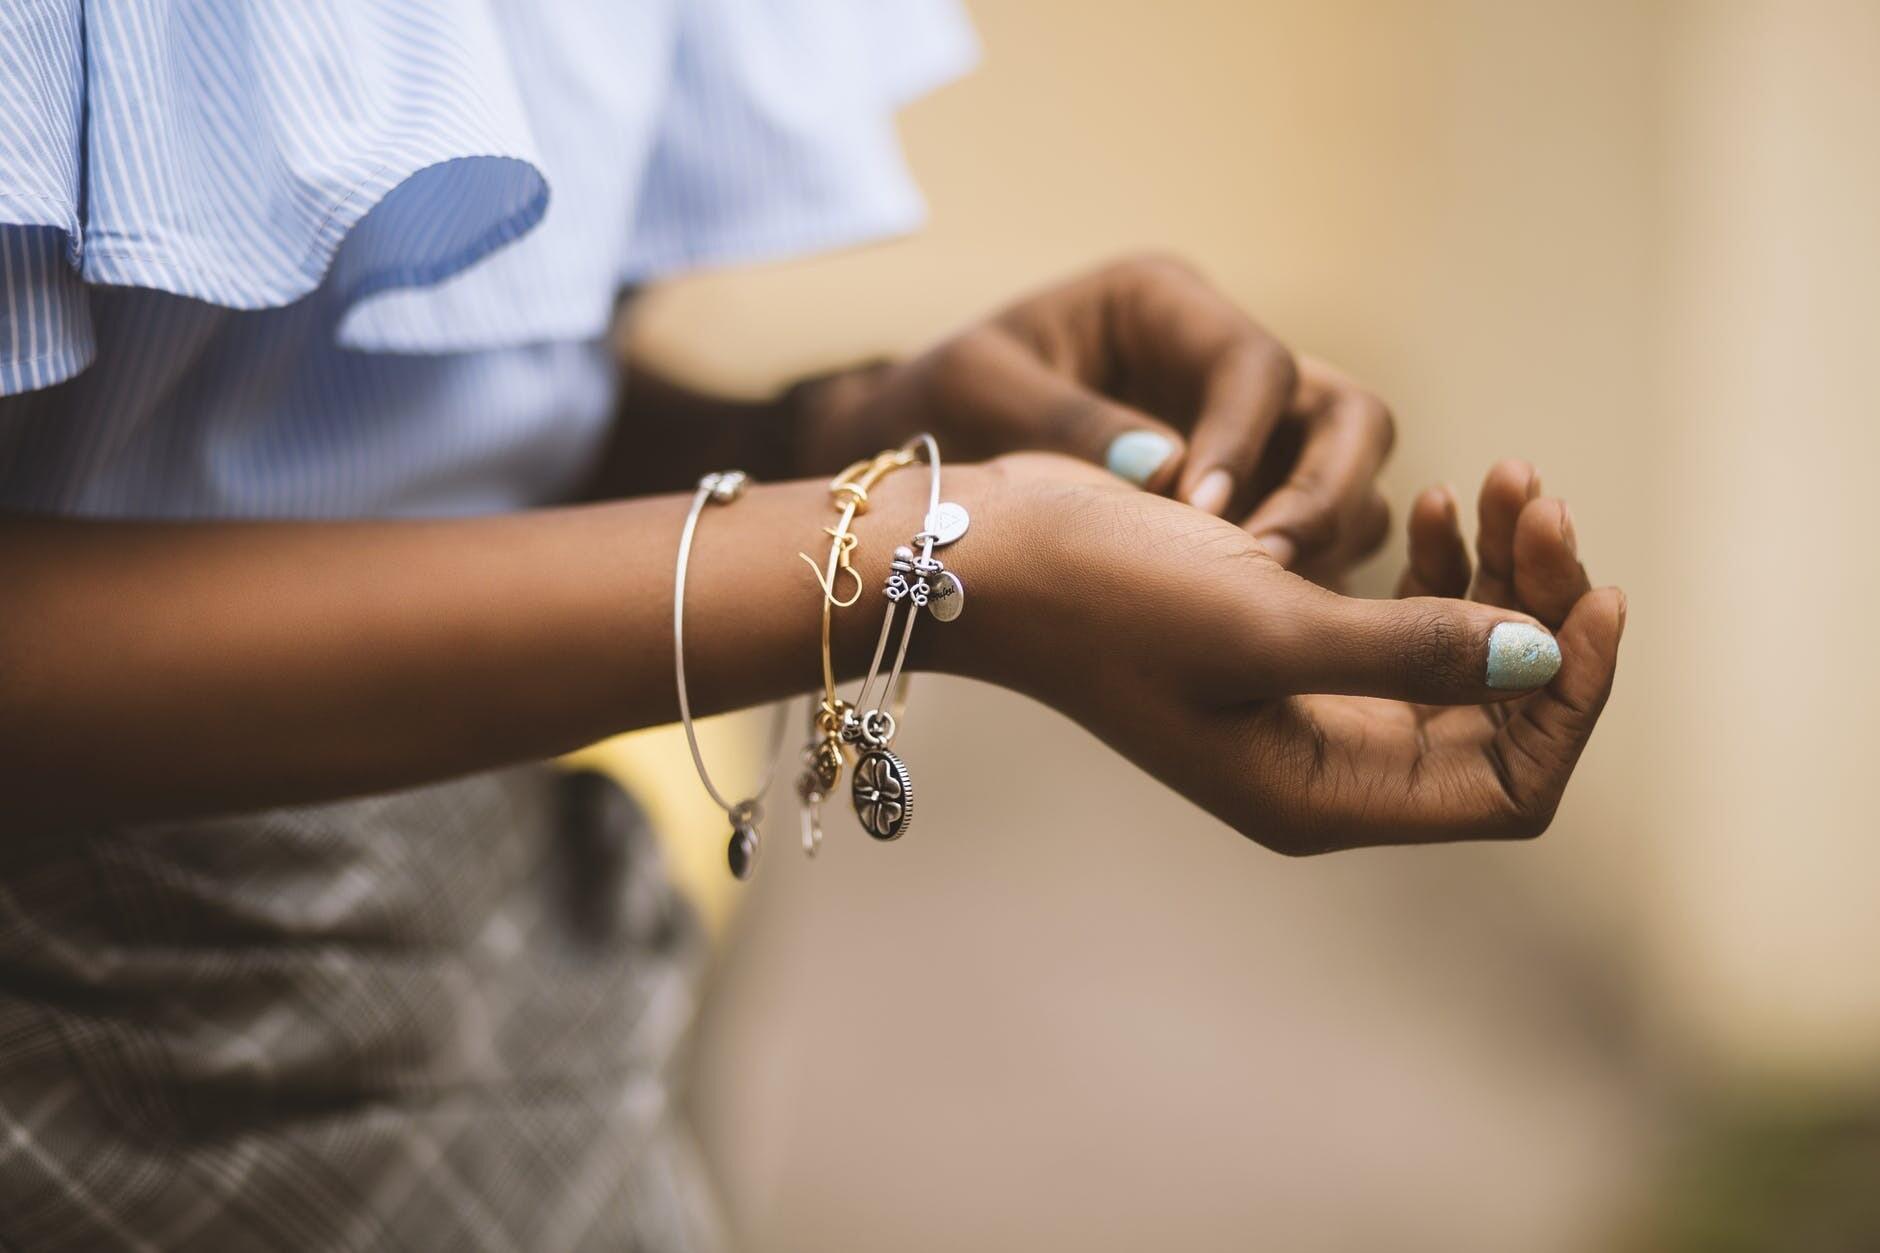 Испортят любой маникюр: чем лечить заусенцы на пальцах рук